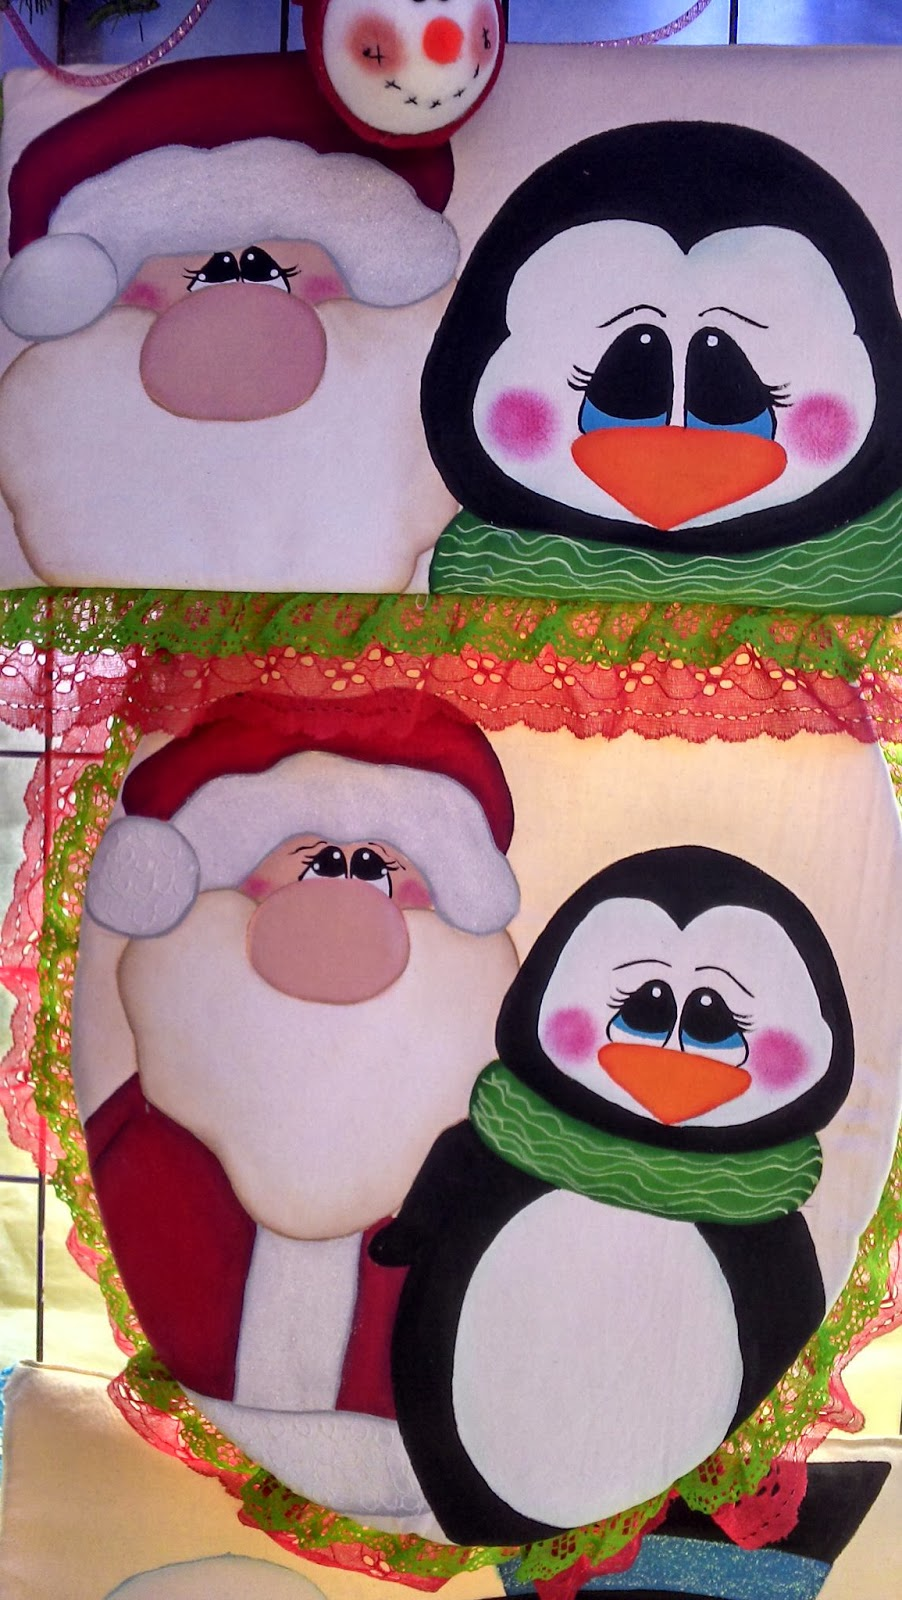 Juegos De Baño Corona:MANUALIDADES IRETH: Juego de baño santa y pinguino